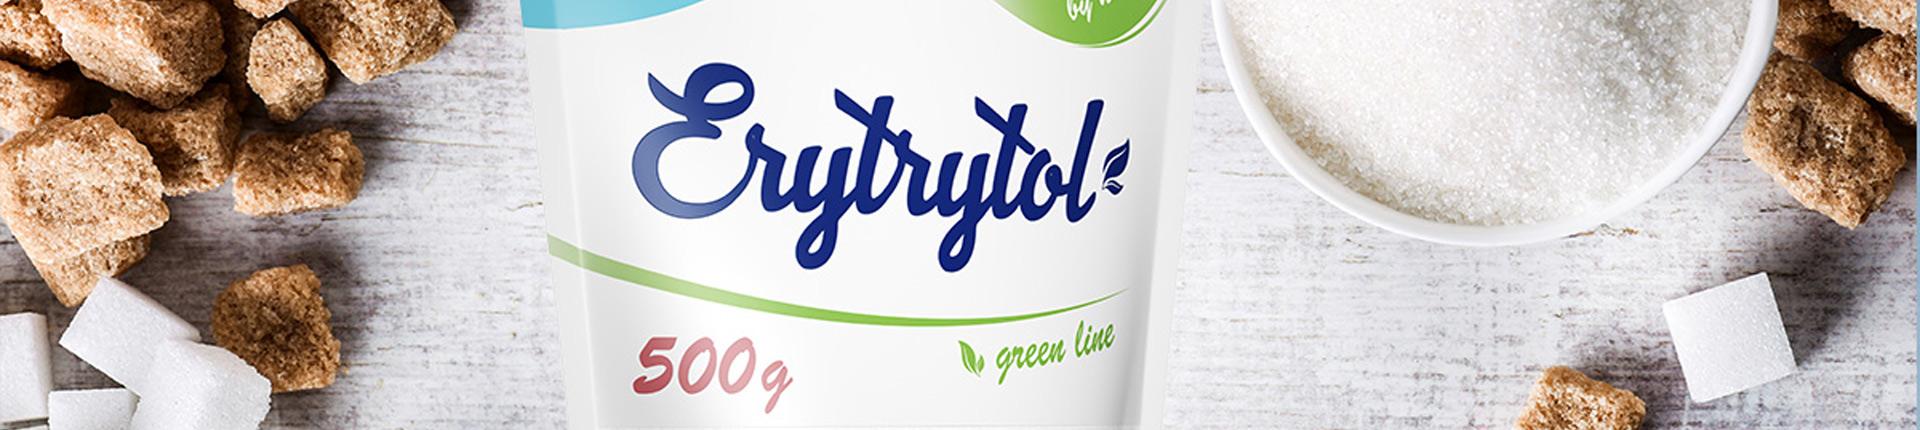 Erytrytol - idealny zamiast cukru!